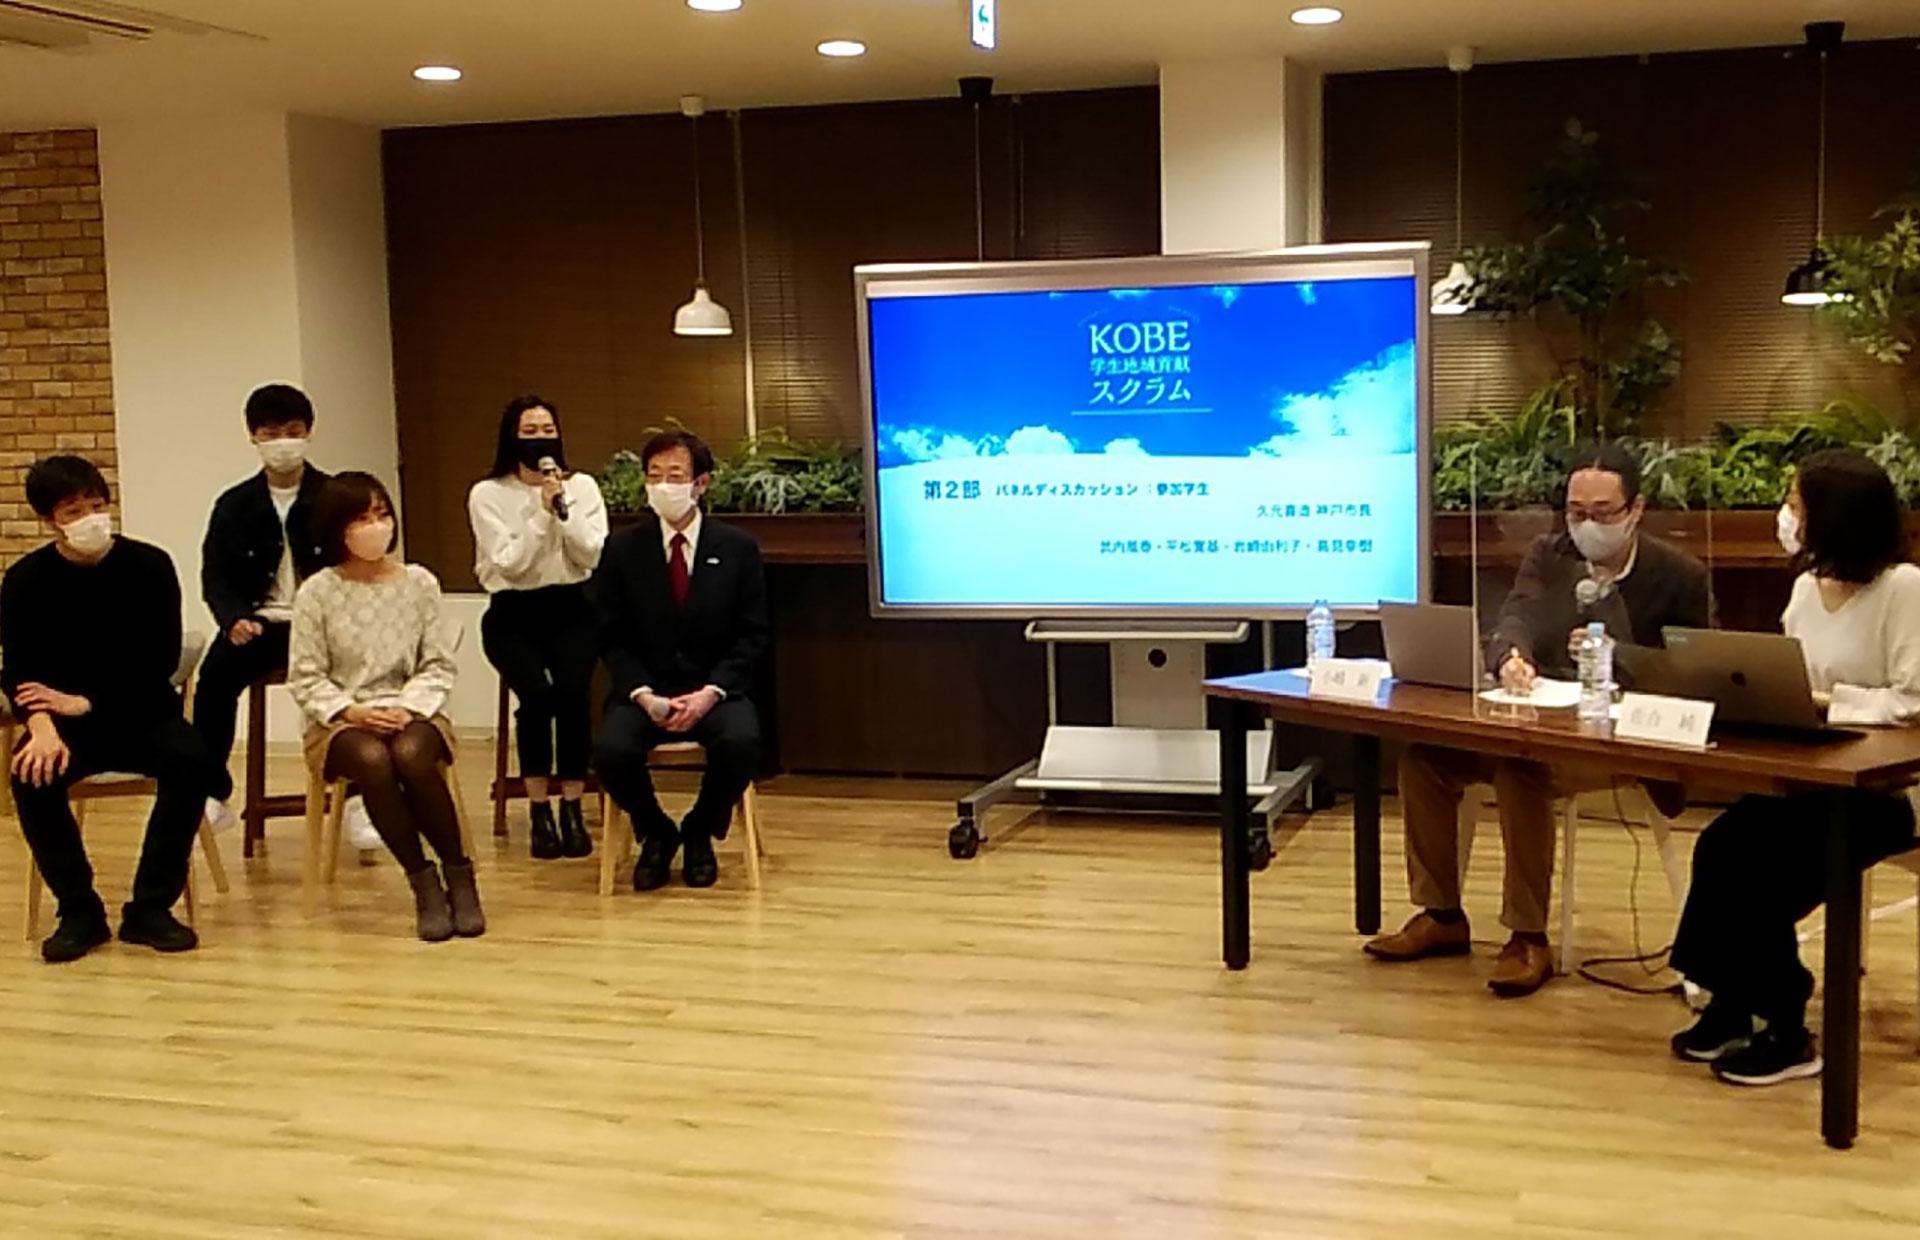 神戸学生スクラム広報プロジェクト